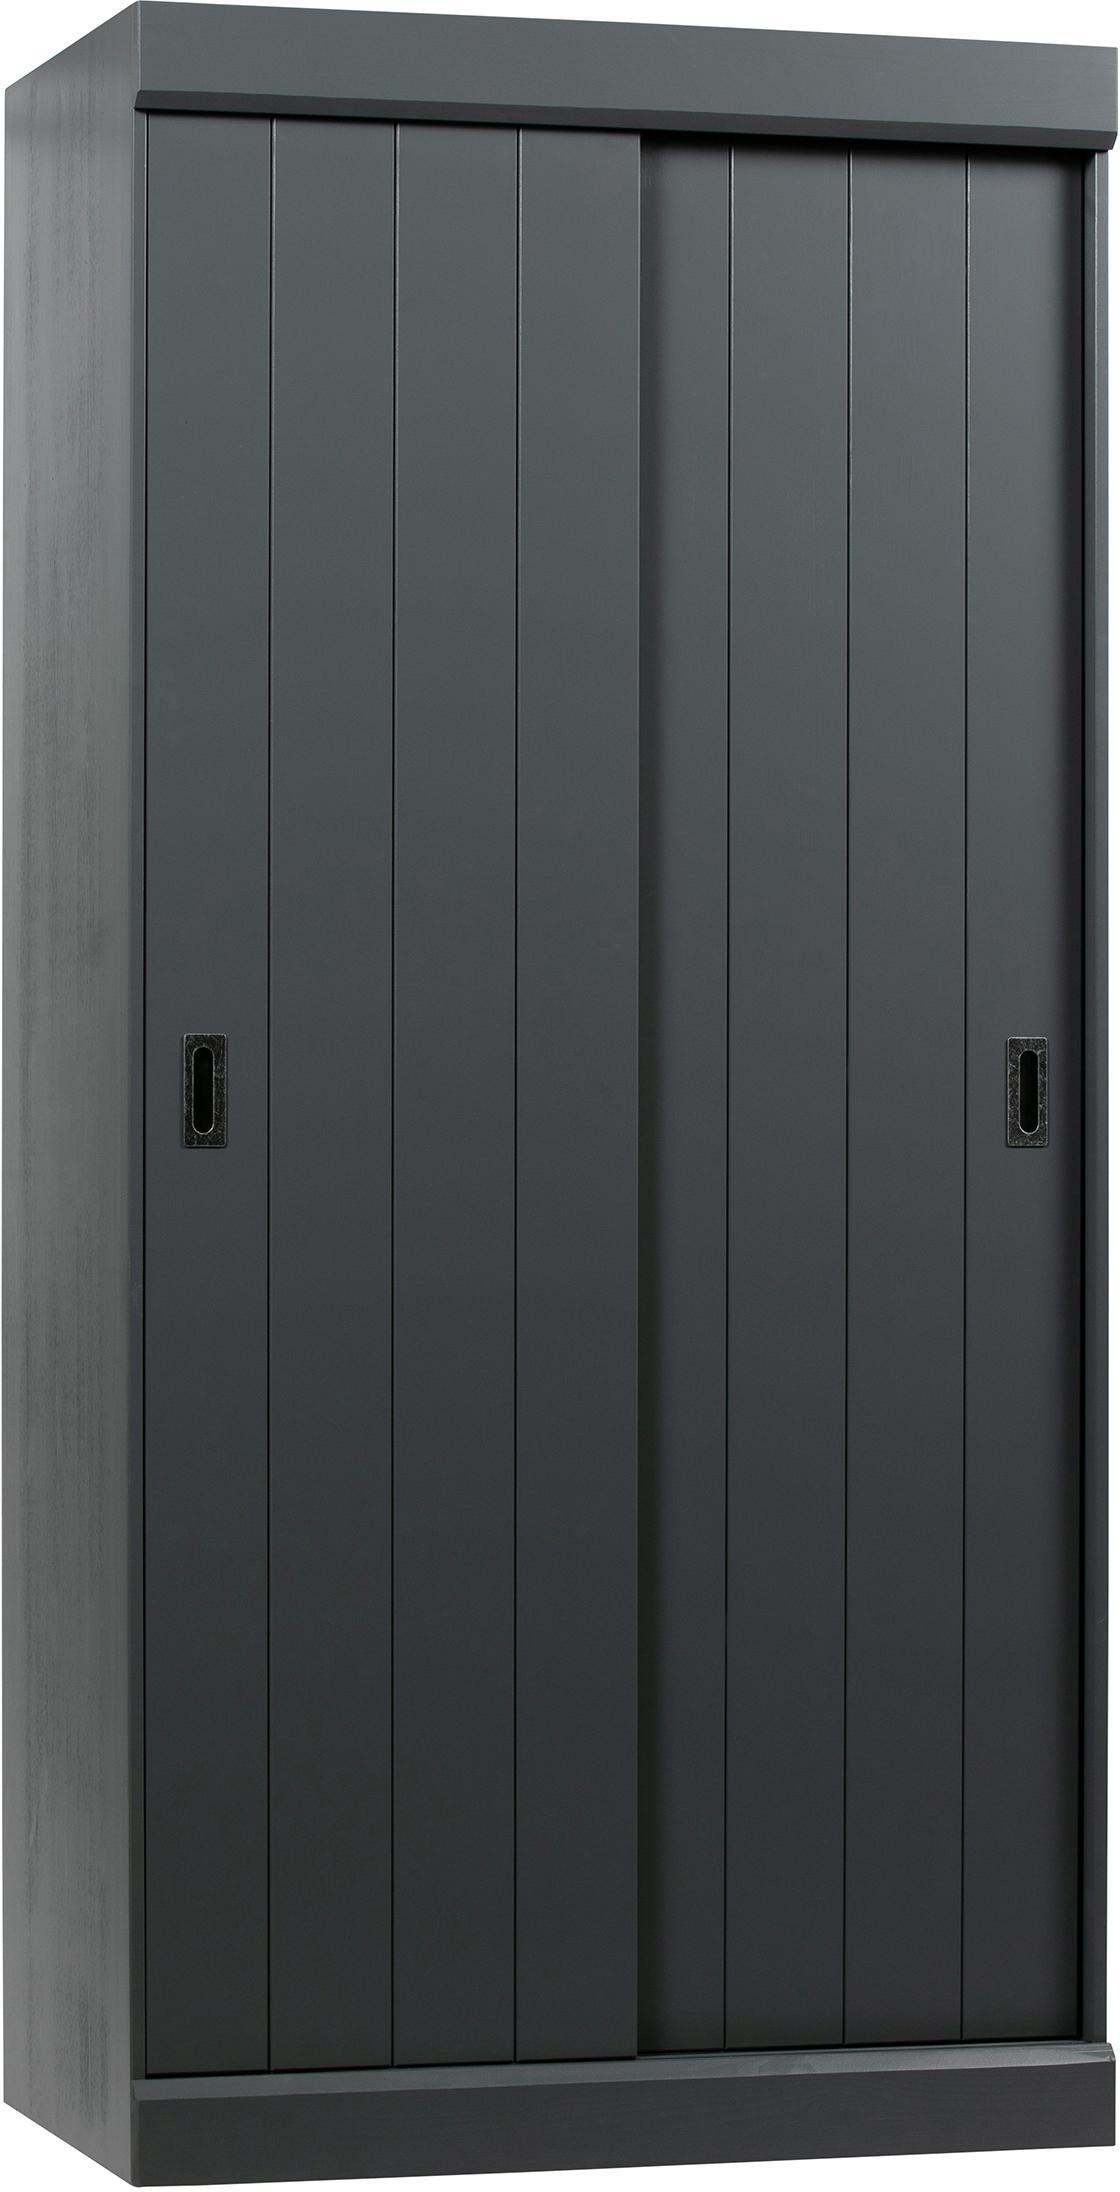 Kleiderschrank Hit mit 2 Schiebetüren in Grau, Korpus: Kiefernholz, massiv, lack, Griffe: Metall, Stahlgrau, 98 x 205 cm